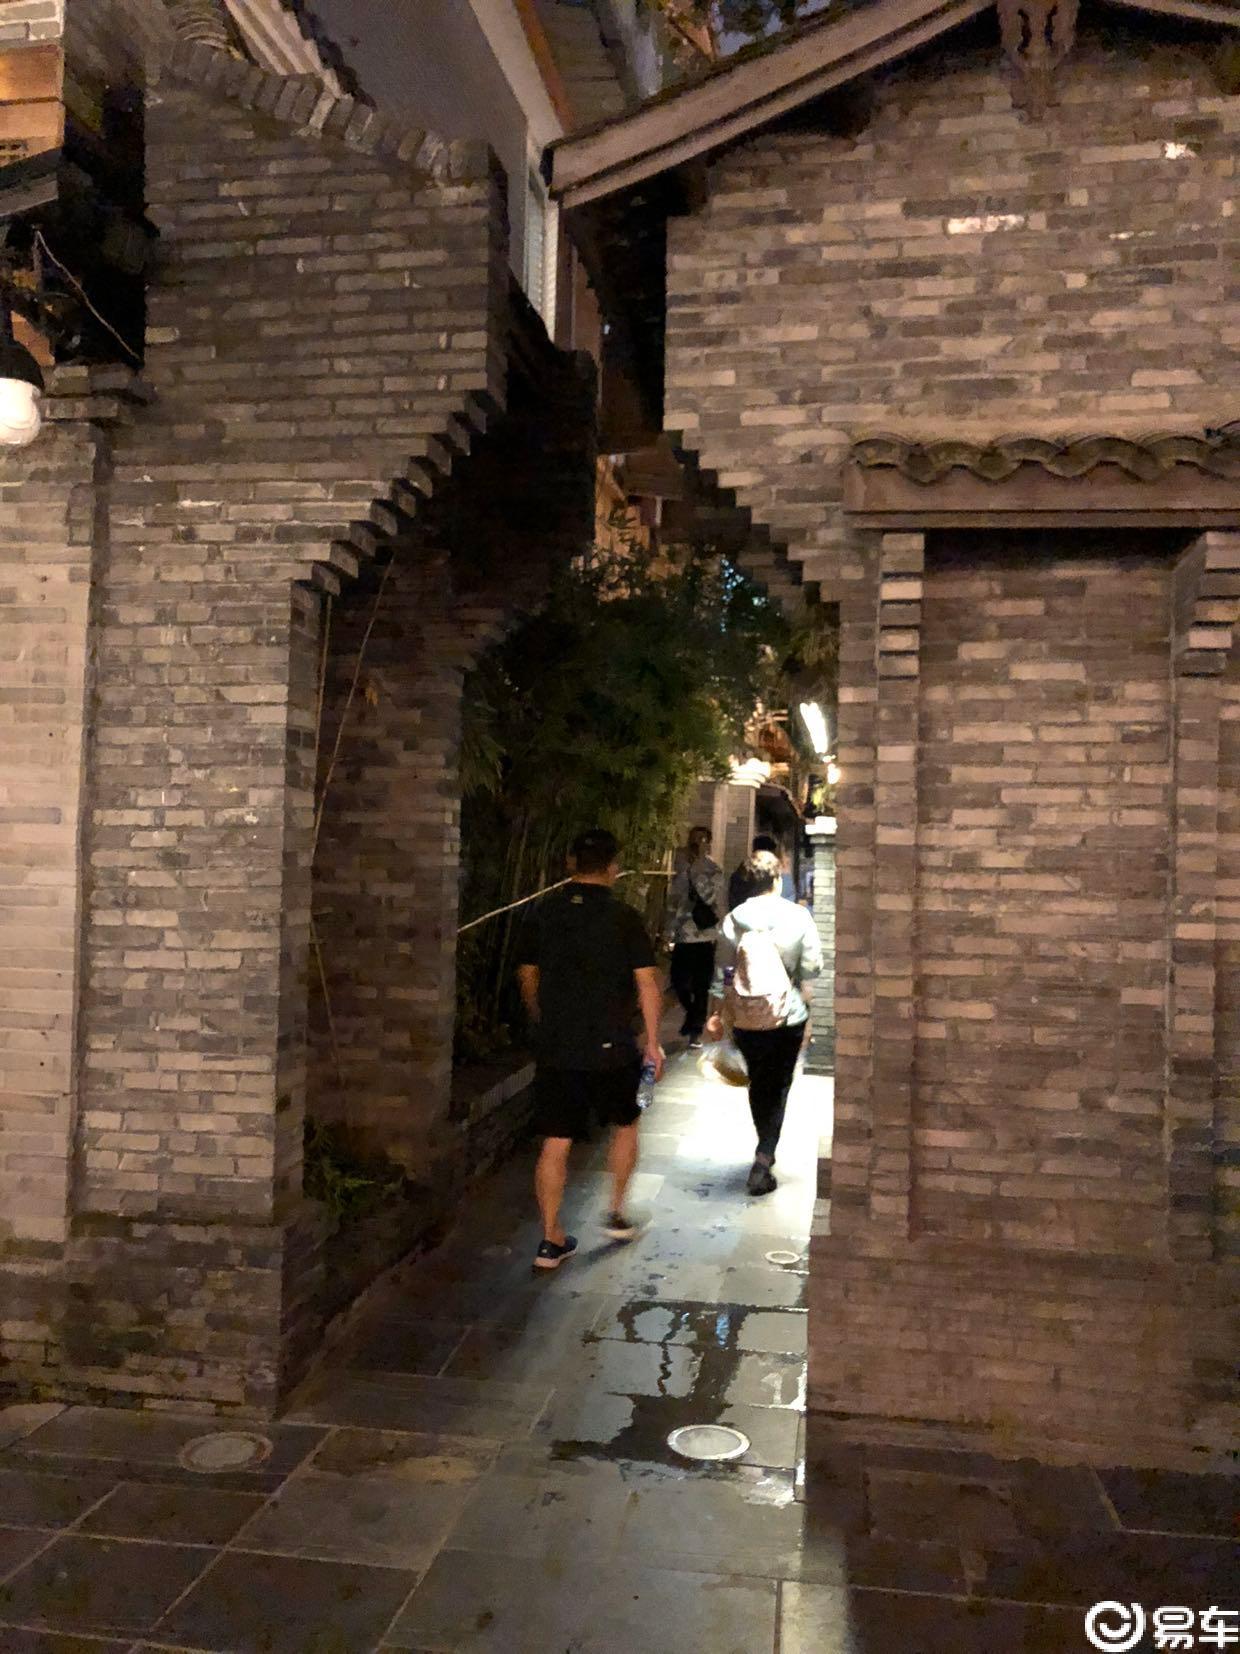 在成都宽窄巷子走走停停逛逛吃吃喝喝玩玩乐乐